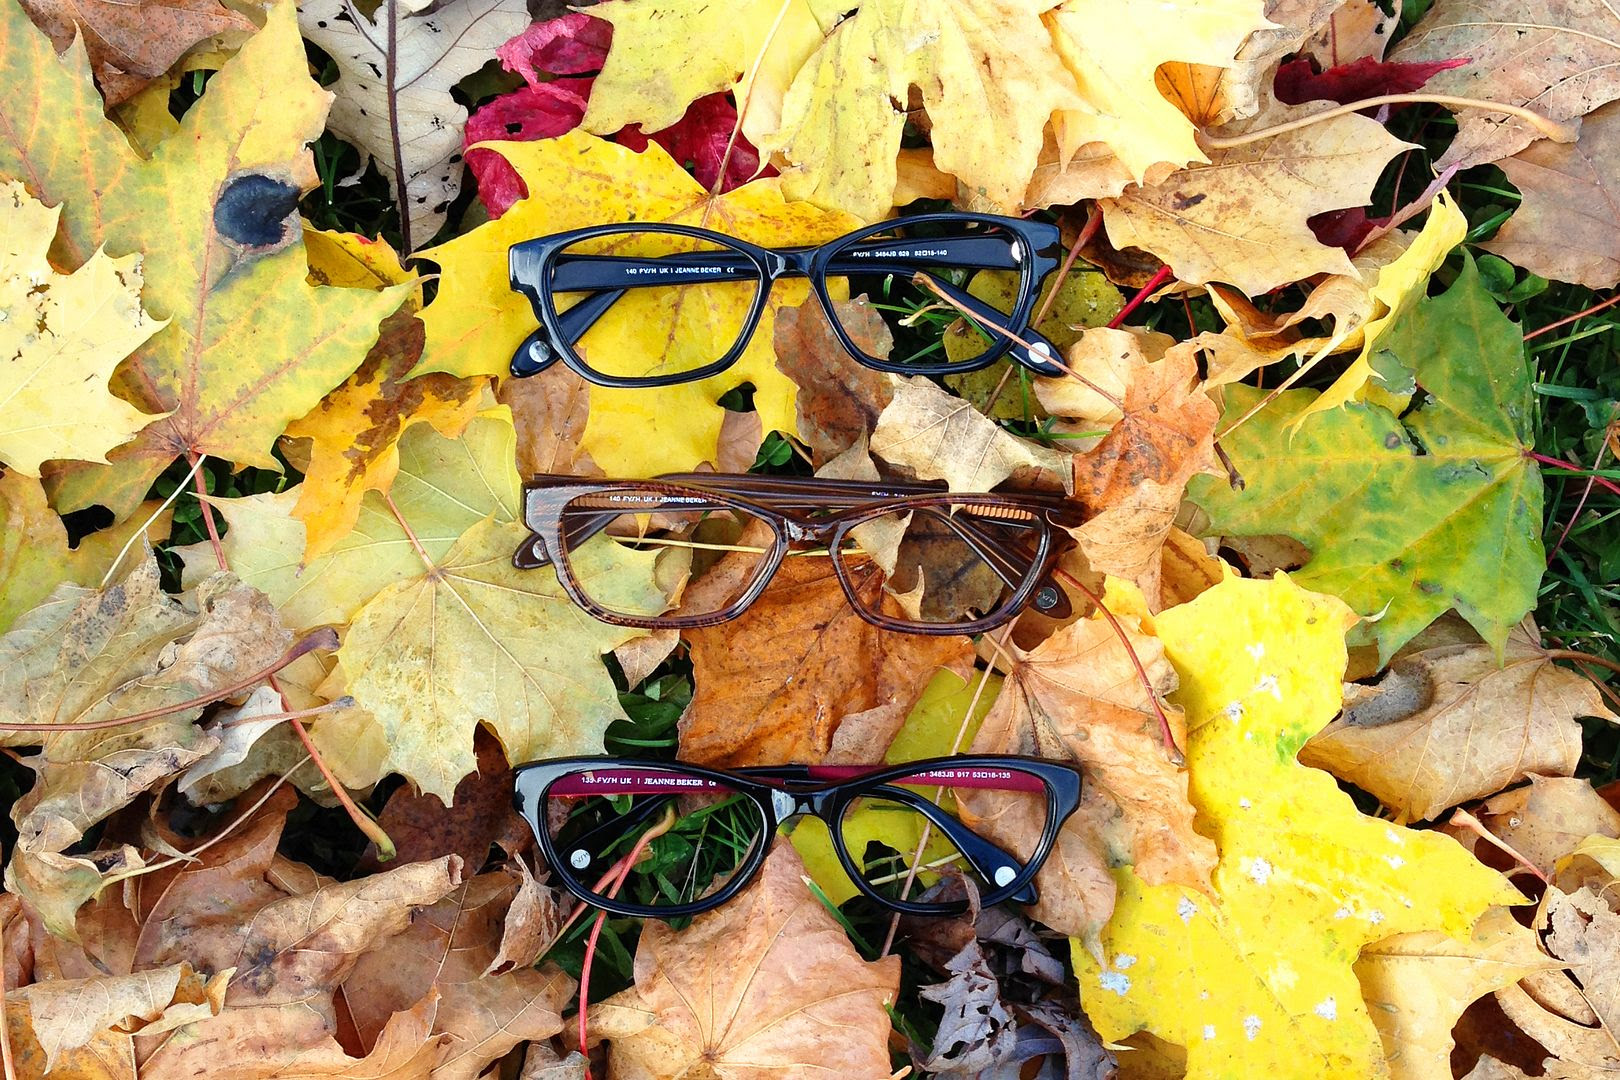 photo hmforisabelmarant-fyshuk-eyeglasses-hm-isabelmarant-5_zpsebc3a406.jpg